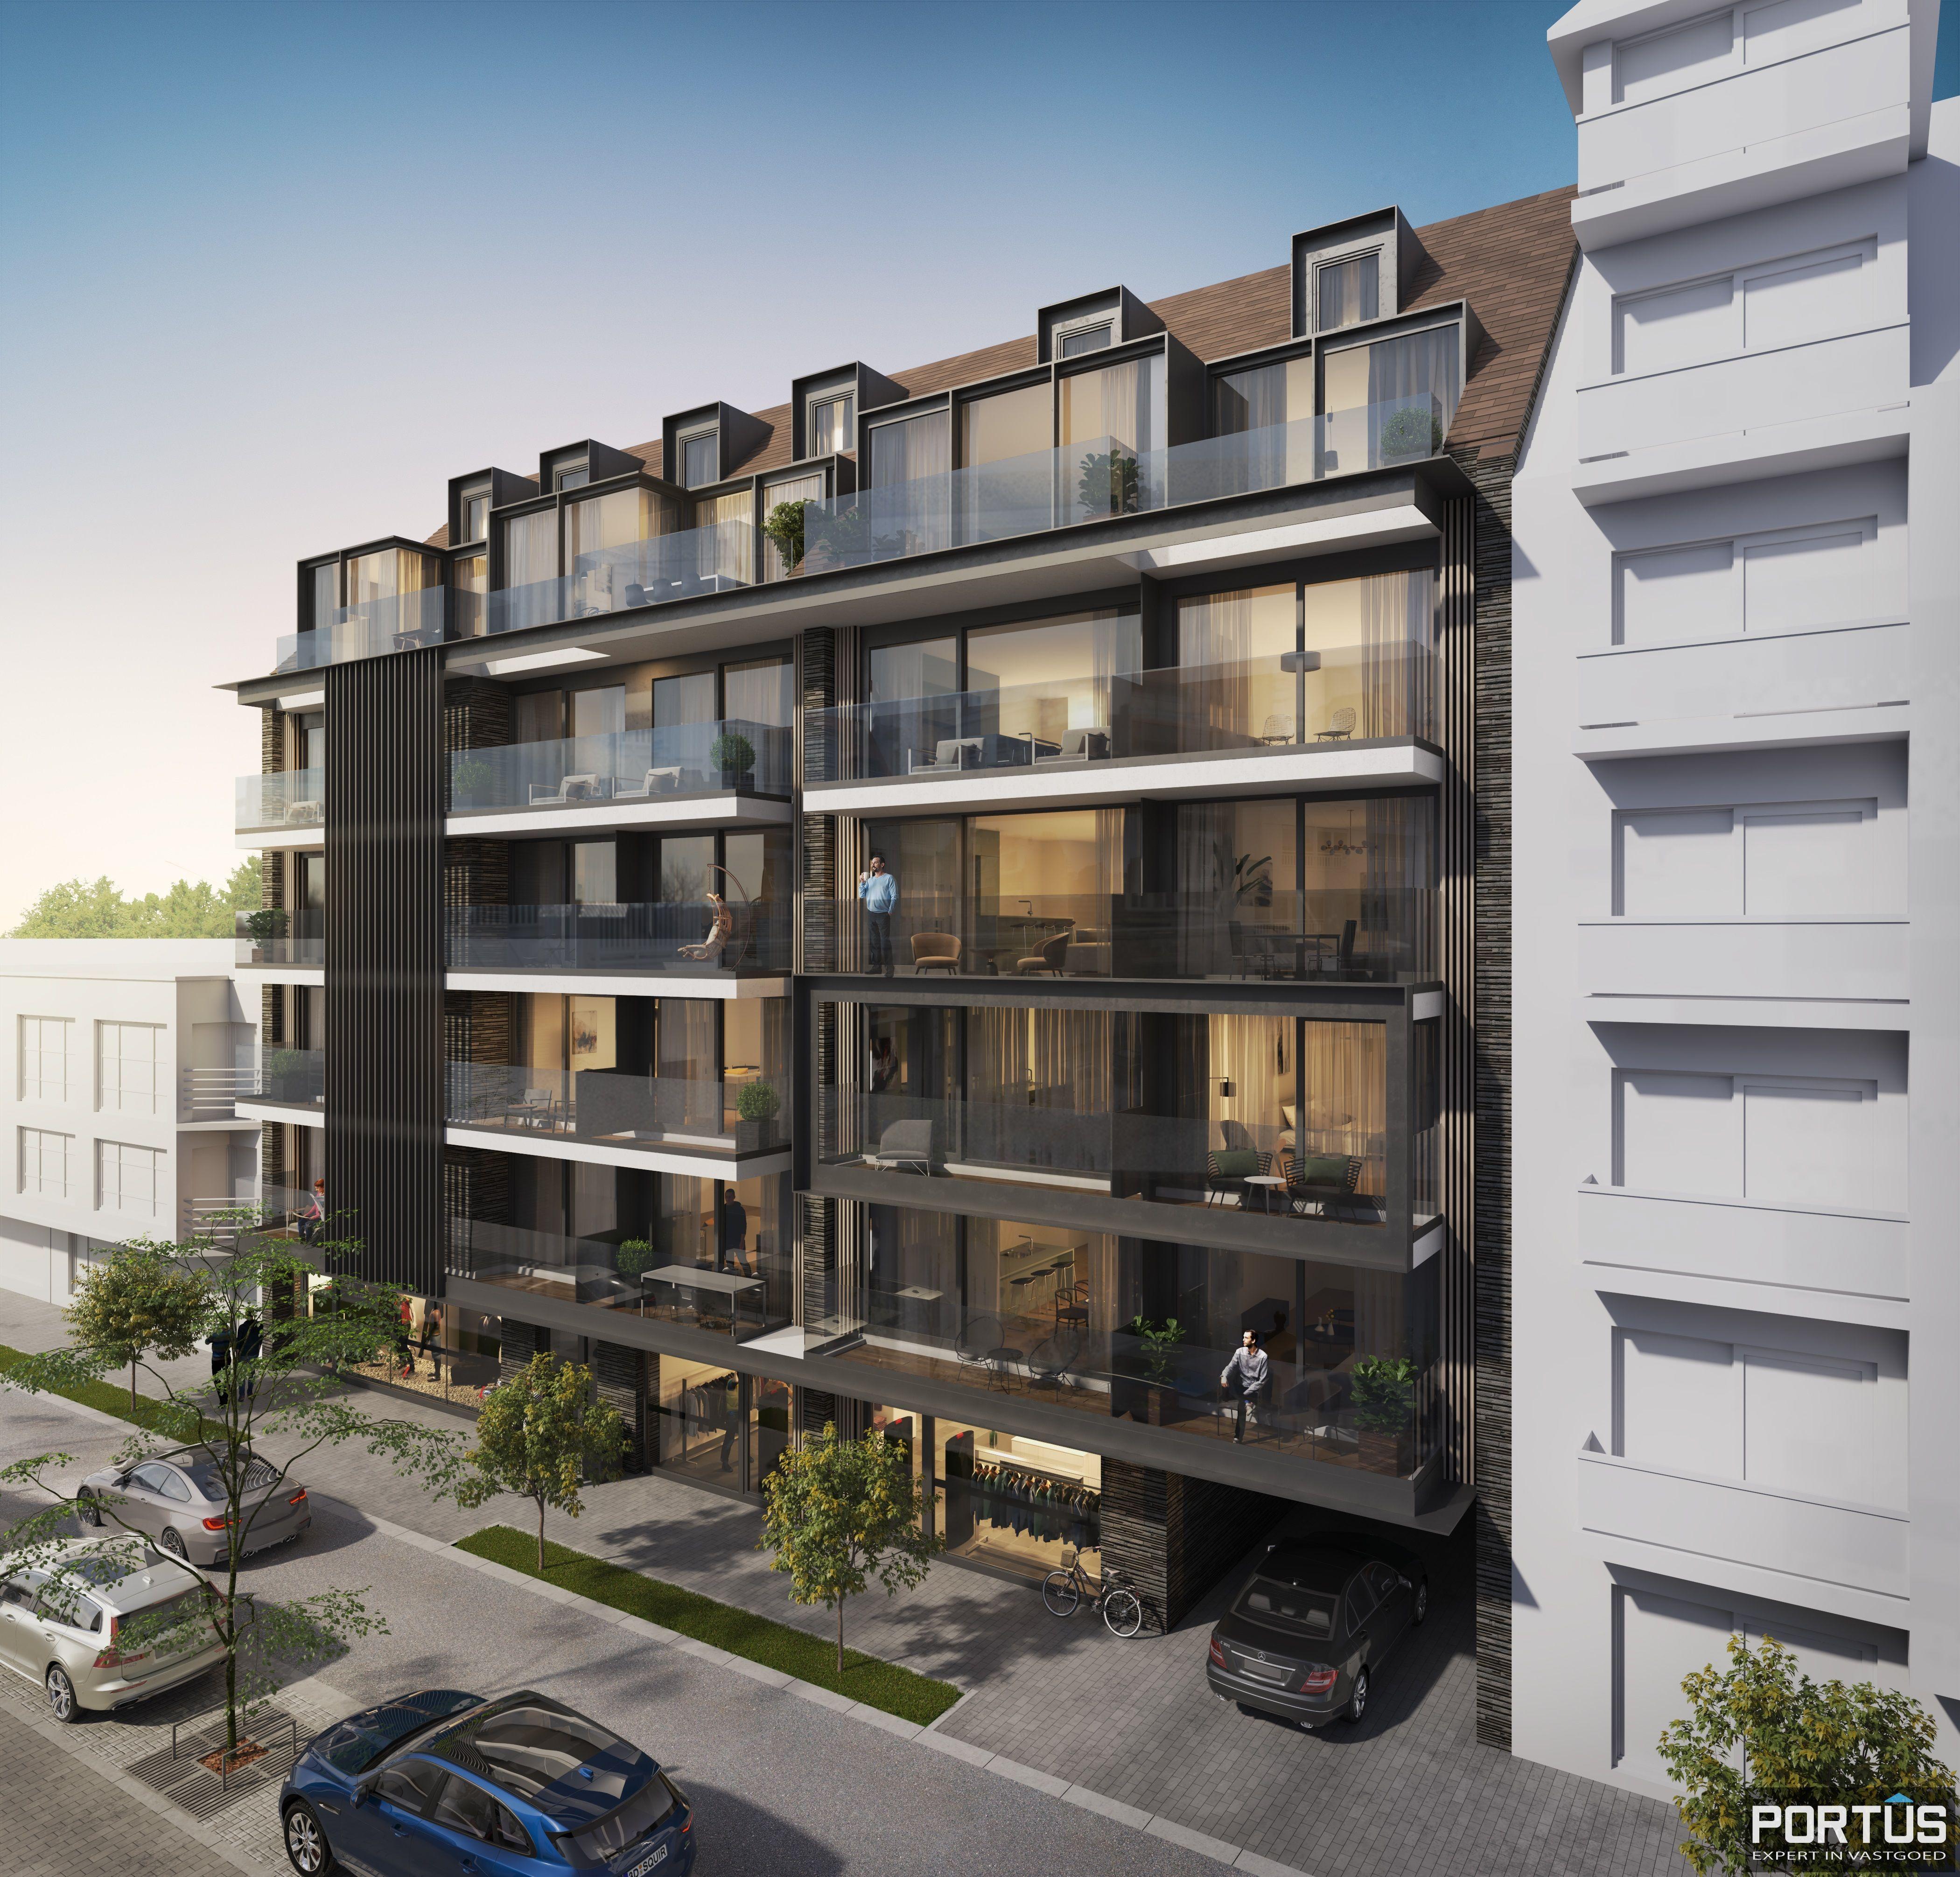 Duplex-appartement met 2 slaapkamers - 9025